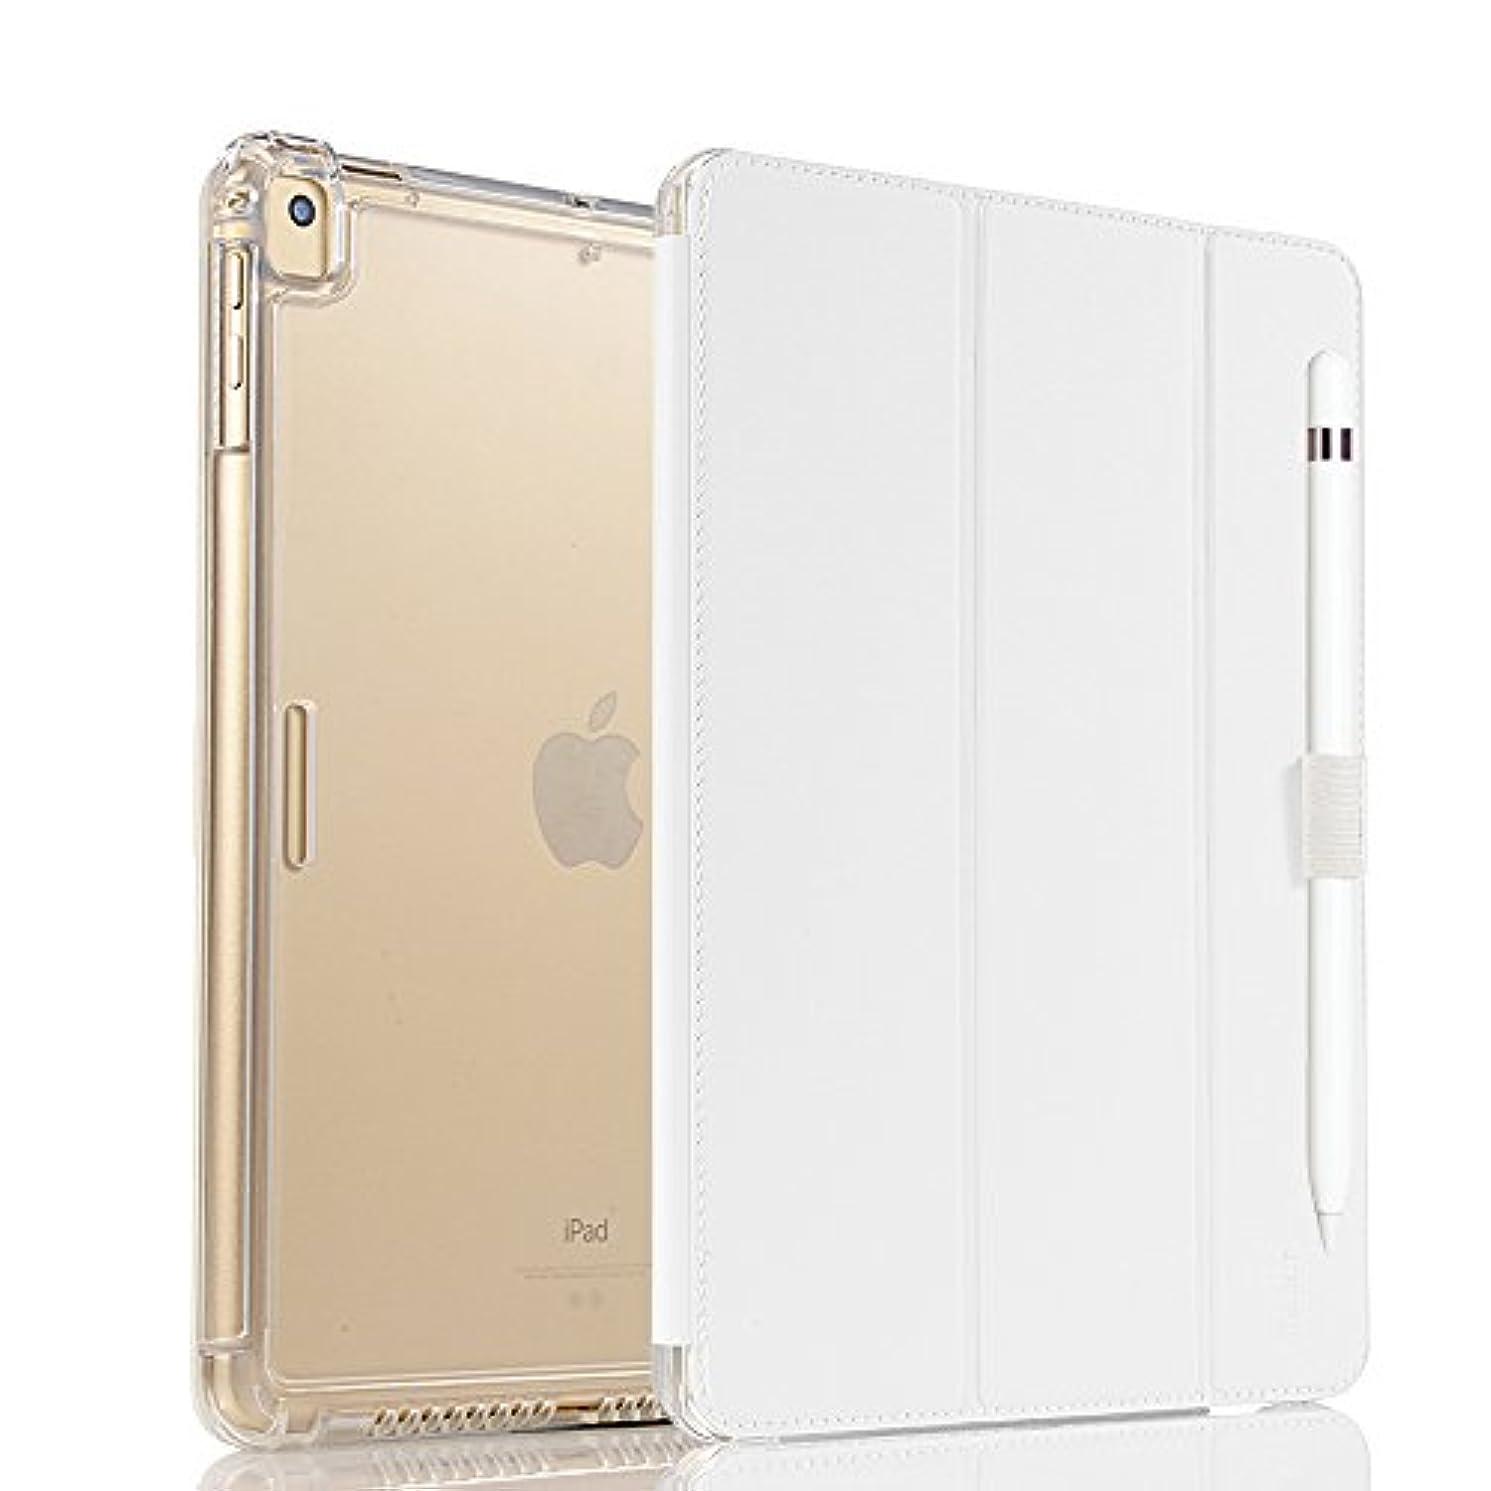 しおれた準備したマイナーValkit iPad Pro 12.9 ケース専用,iPad Pro 12.9 カバー対応 2017モデル 2015モデル適用 アンチスクラッチ 衝撃吸収 レザー 軽量 傷つけ防止 オートスリープ TPU ソフトシリコン 耐摩擦 12.9インチ,(ホワイト)